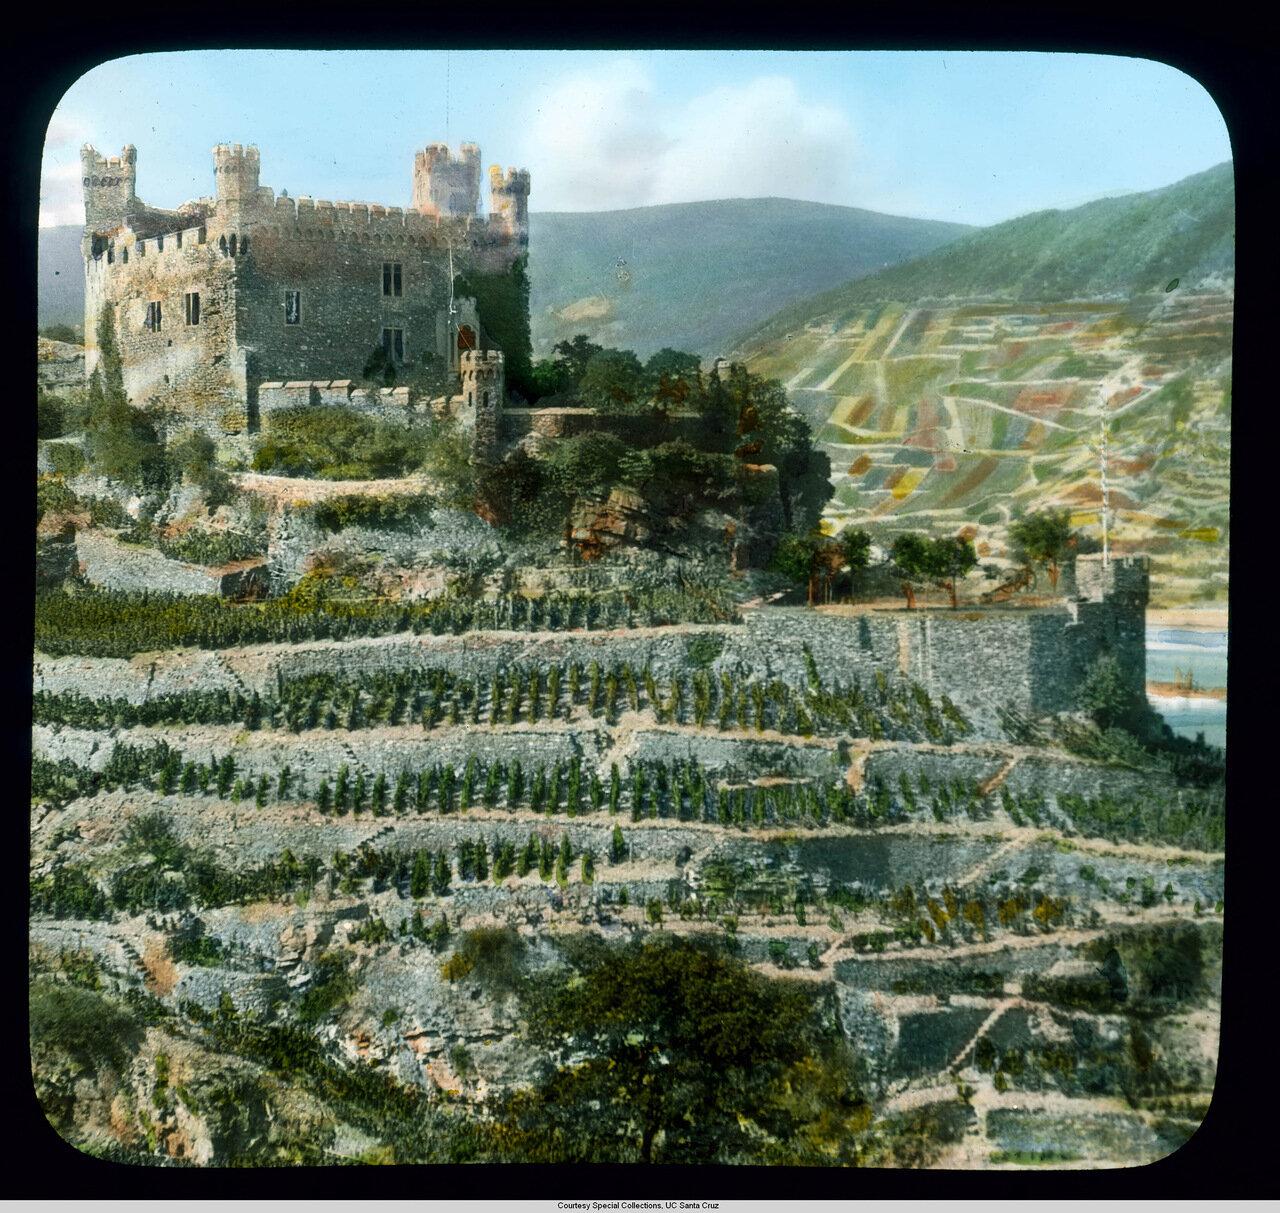 Рейнская долина. Крепость Райхенштайн (Трехтингсхаузен) среди террас с виноградниками.